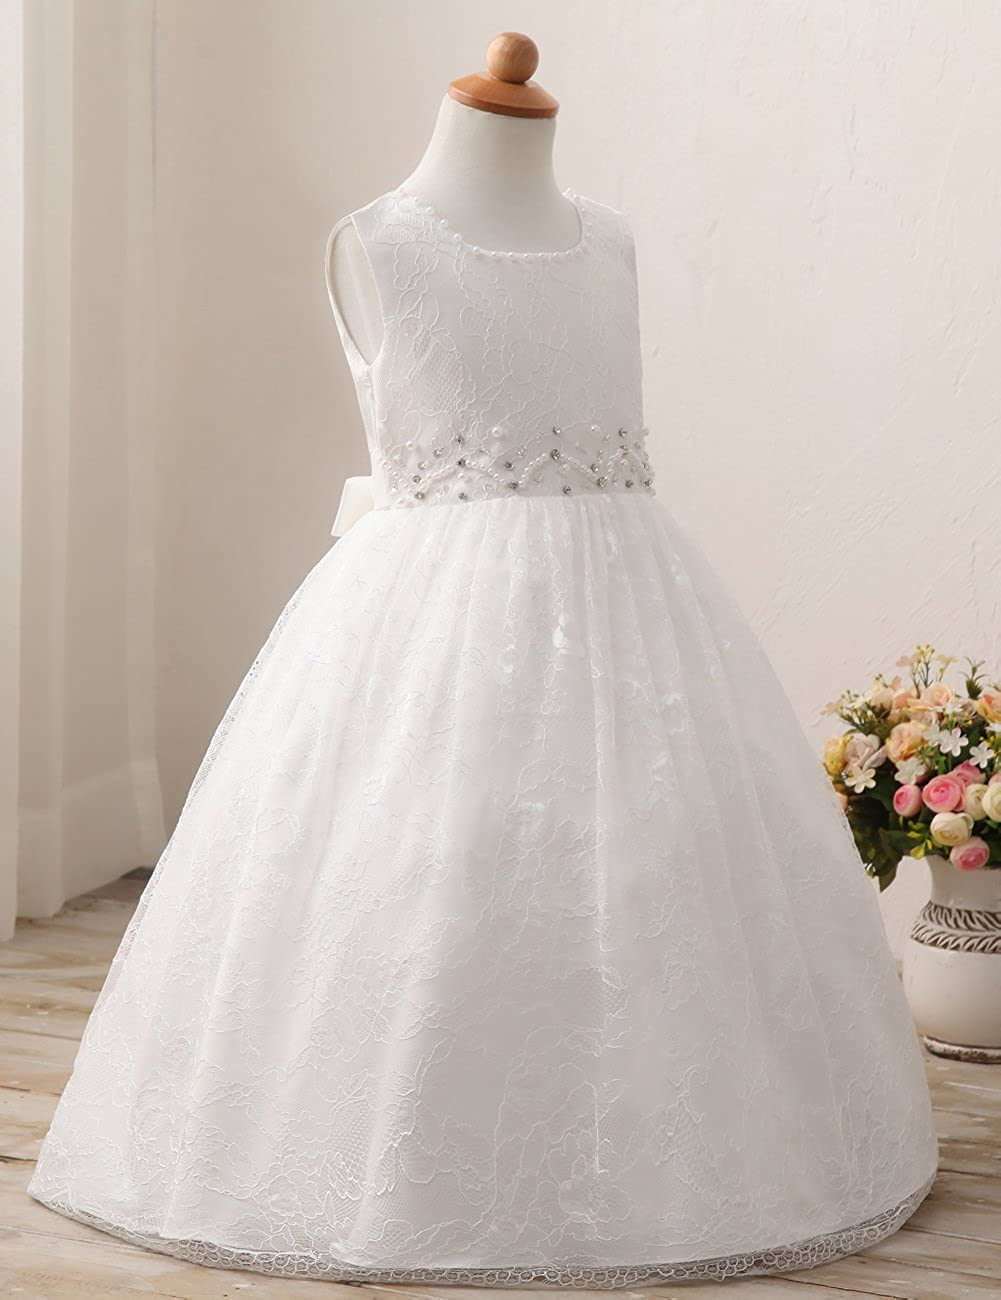 Erosebridal Perline Festa di Compleanno Vestito Pizzo Bianco Fiore Ragazze  Abito Bianca Dimensione 40  Amazon.it  Abbigliamento 707ad0f7293